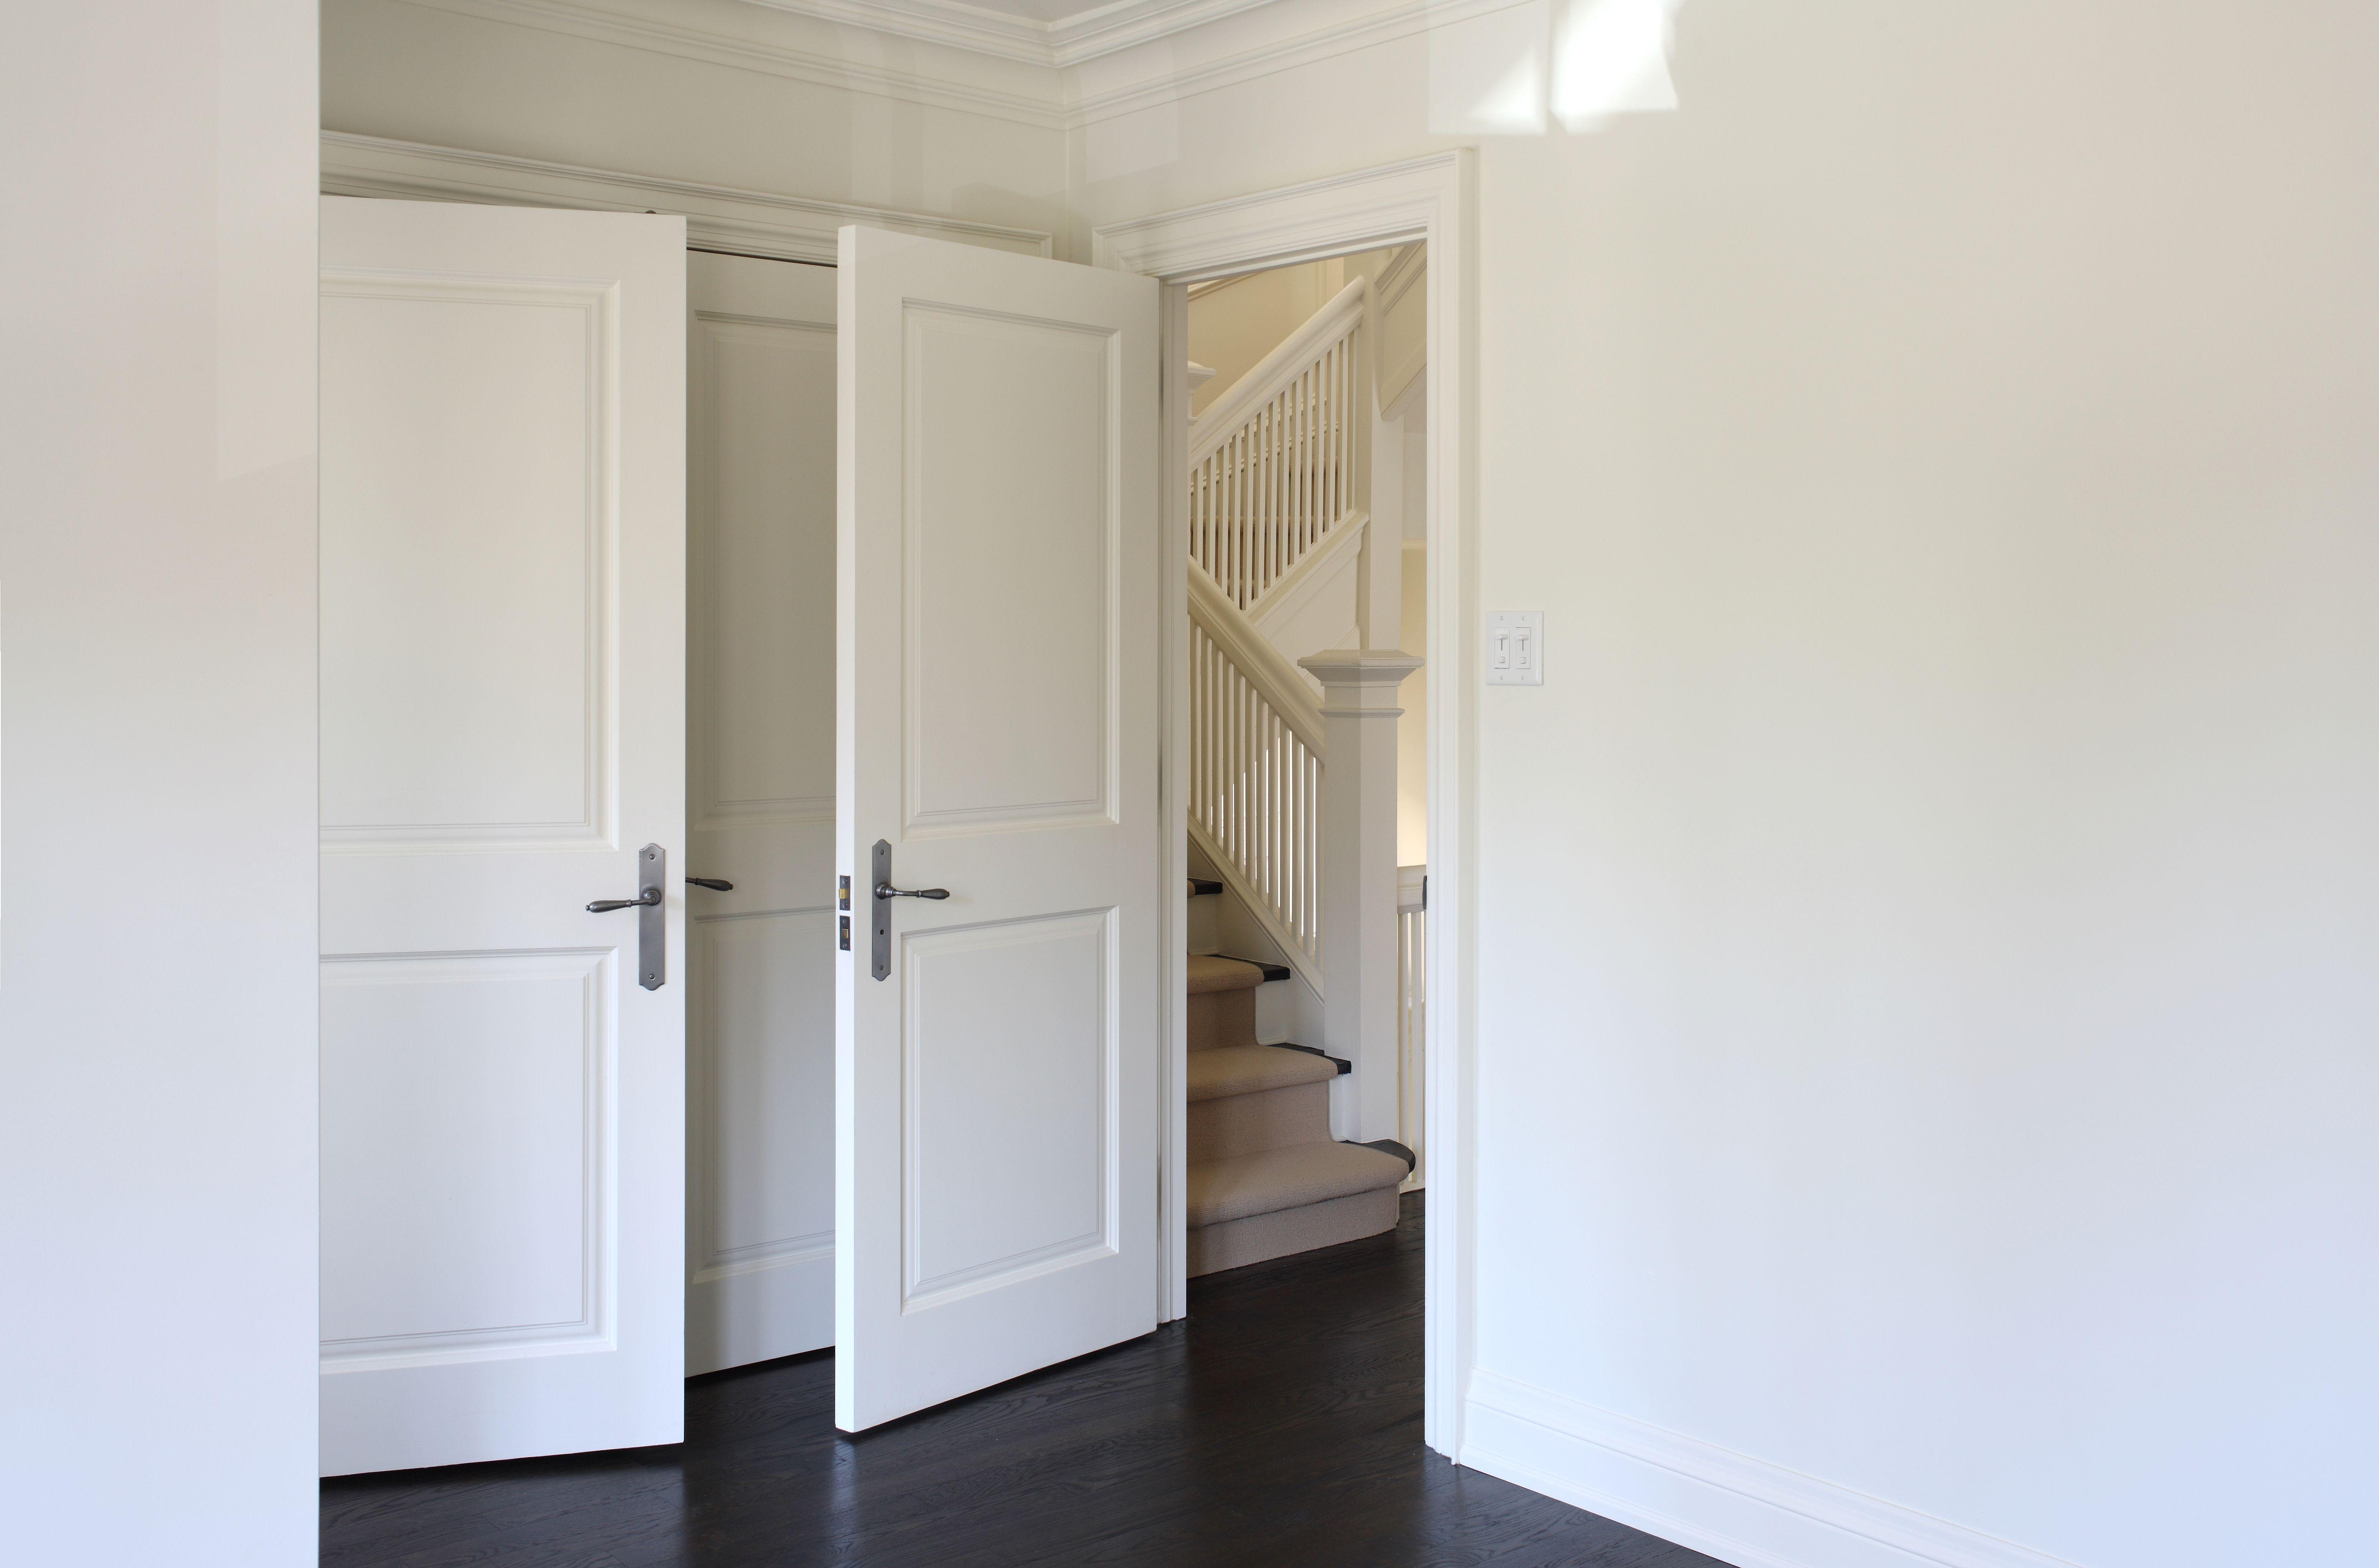 Puertas de interior: Productos de Carpintería Zarautz